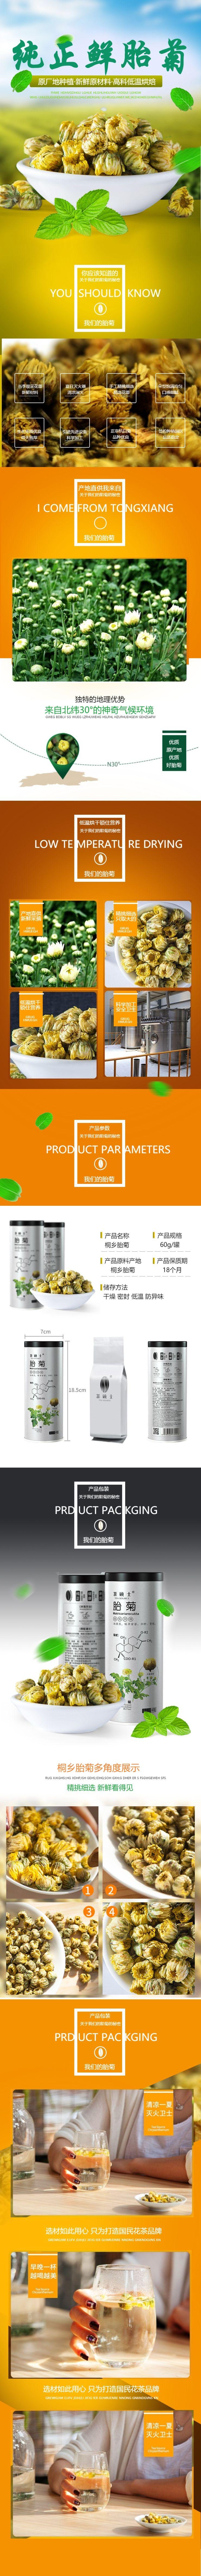 清新简约胎菊花茶电商详情页